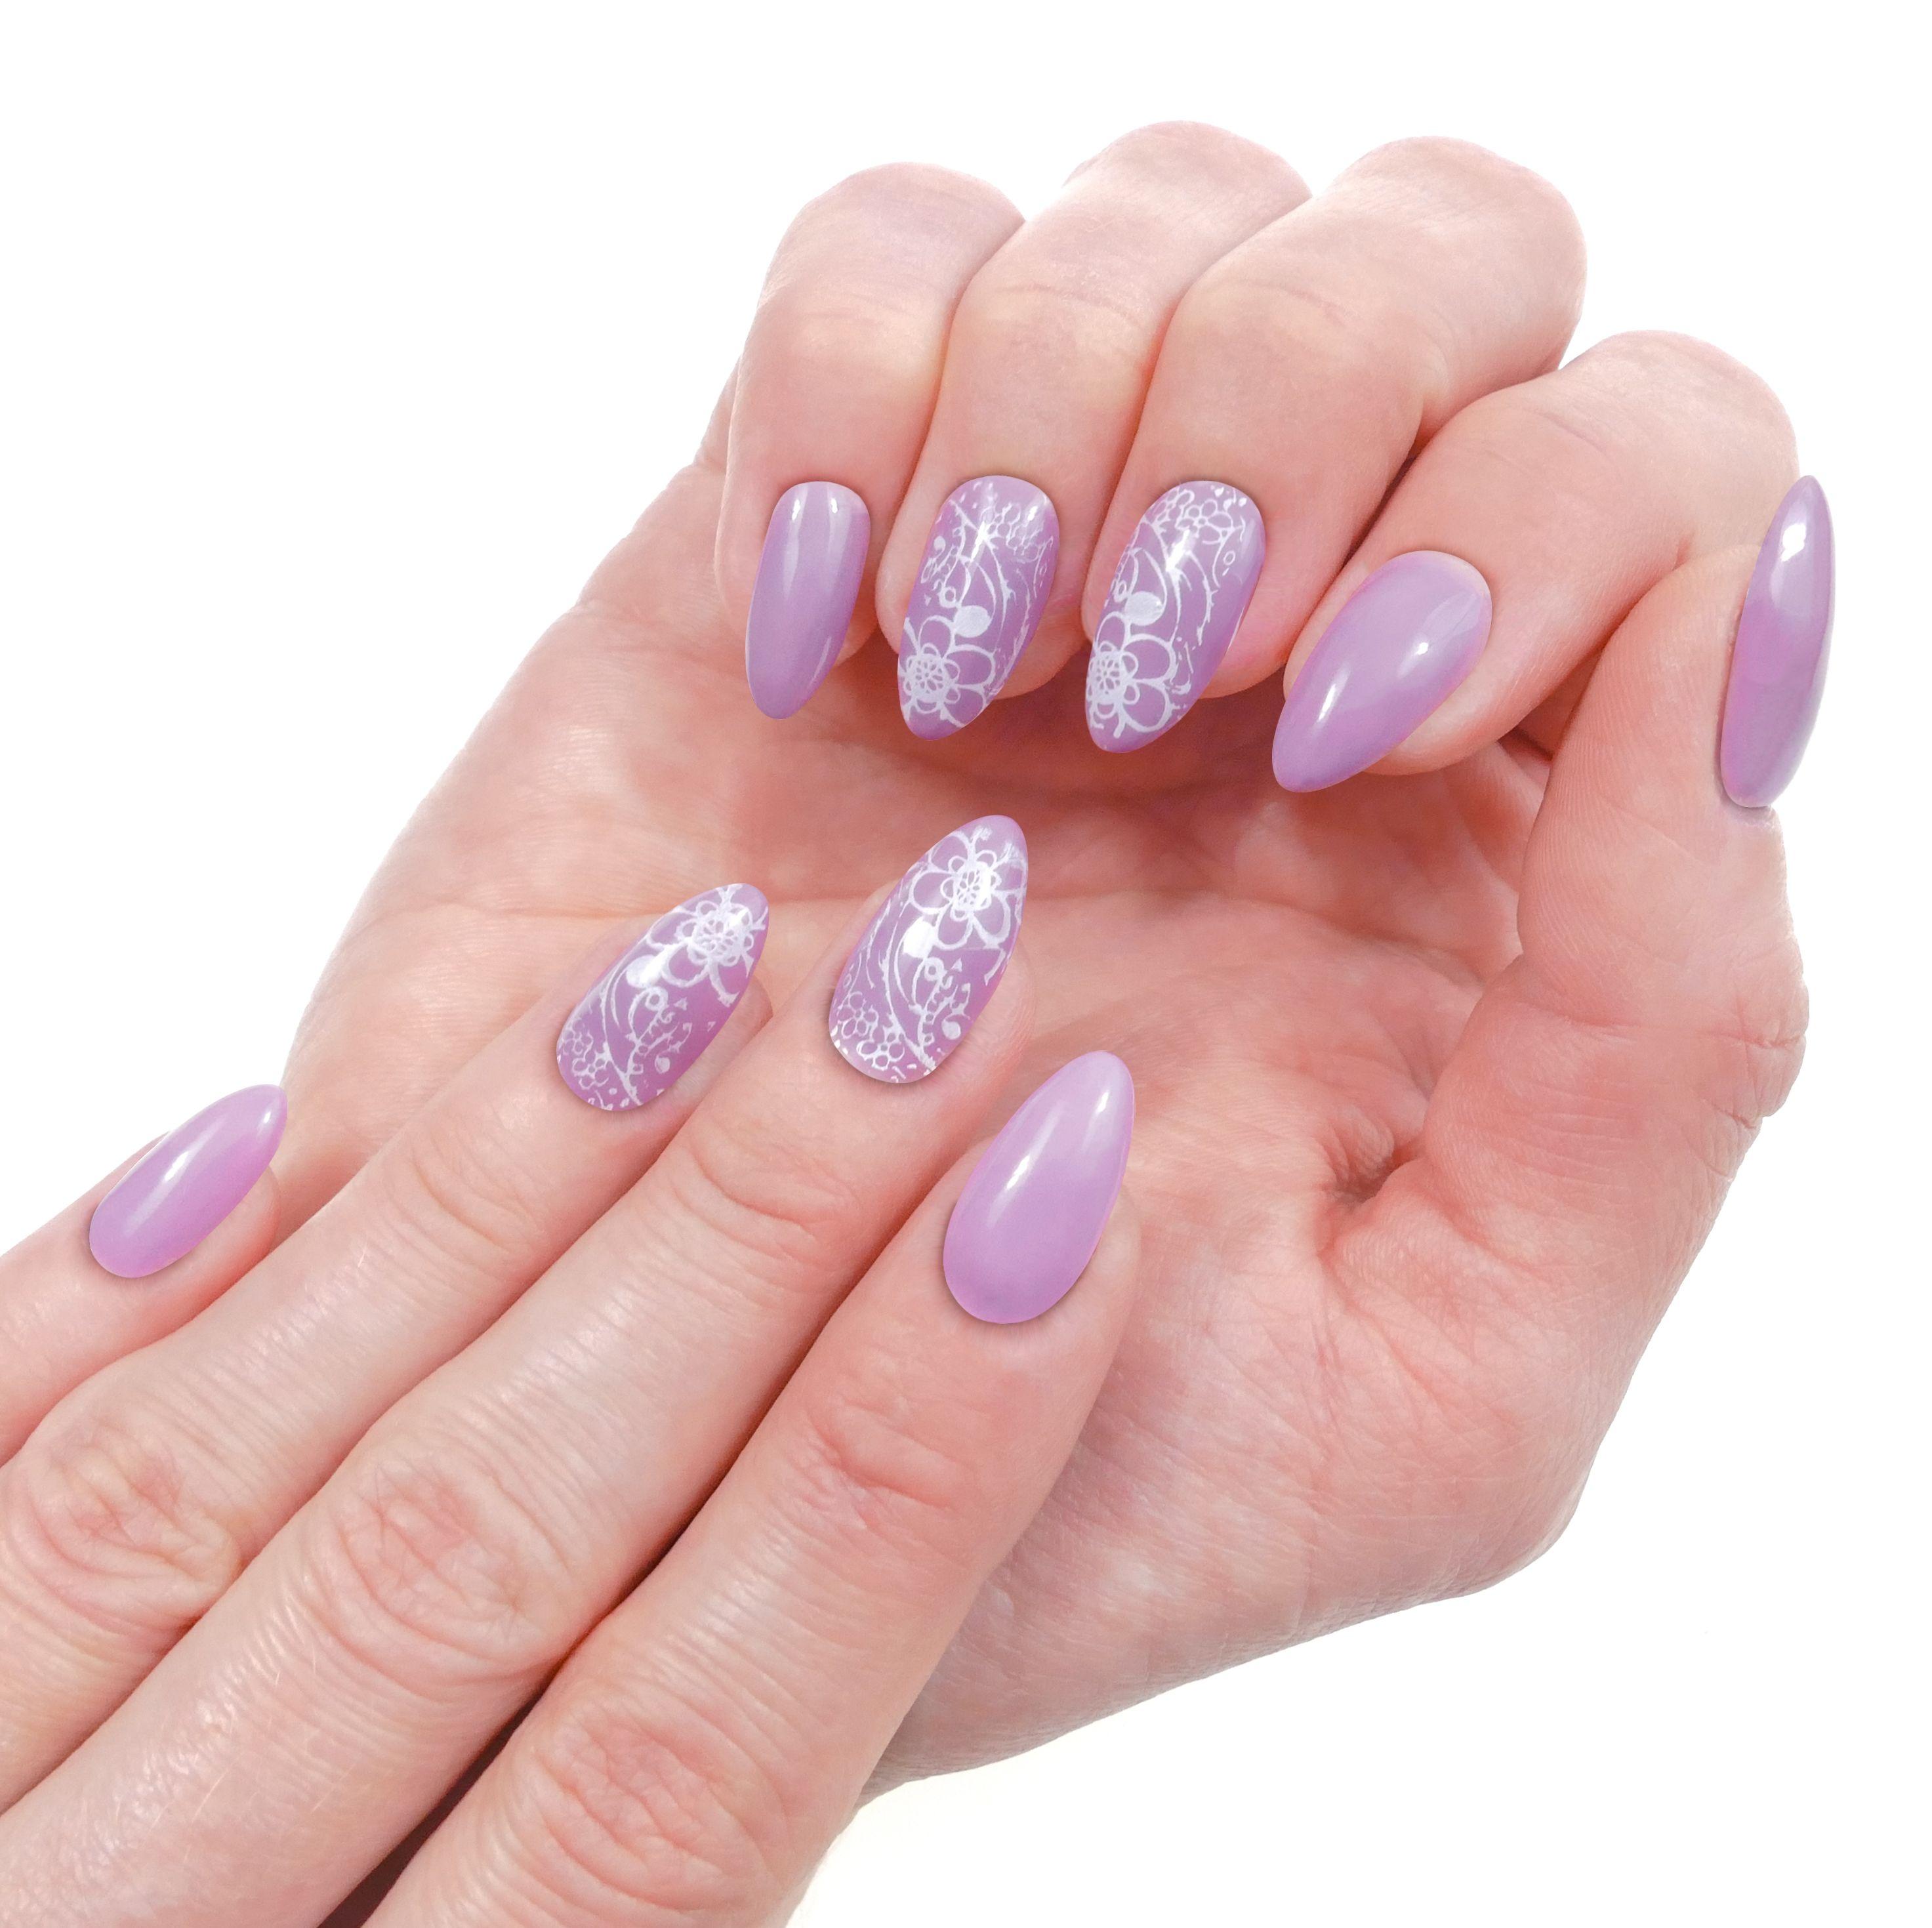 Jemny Design Vhodny Do Prace I Do Spolecnosti Fialovy Lila Odstin Nehtum Opravdu Slusi Naninails Manicure Nails Nailart Fialova Nail Art Nehty